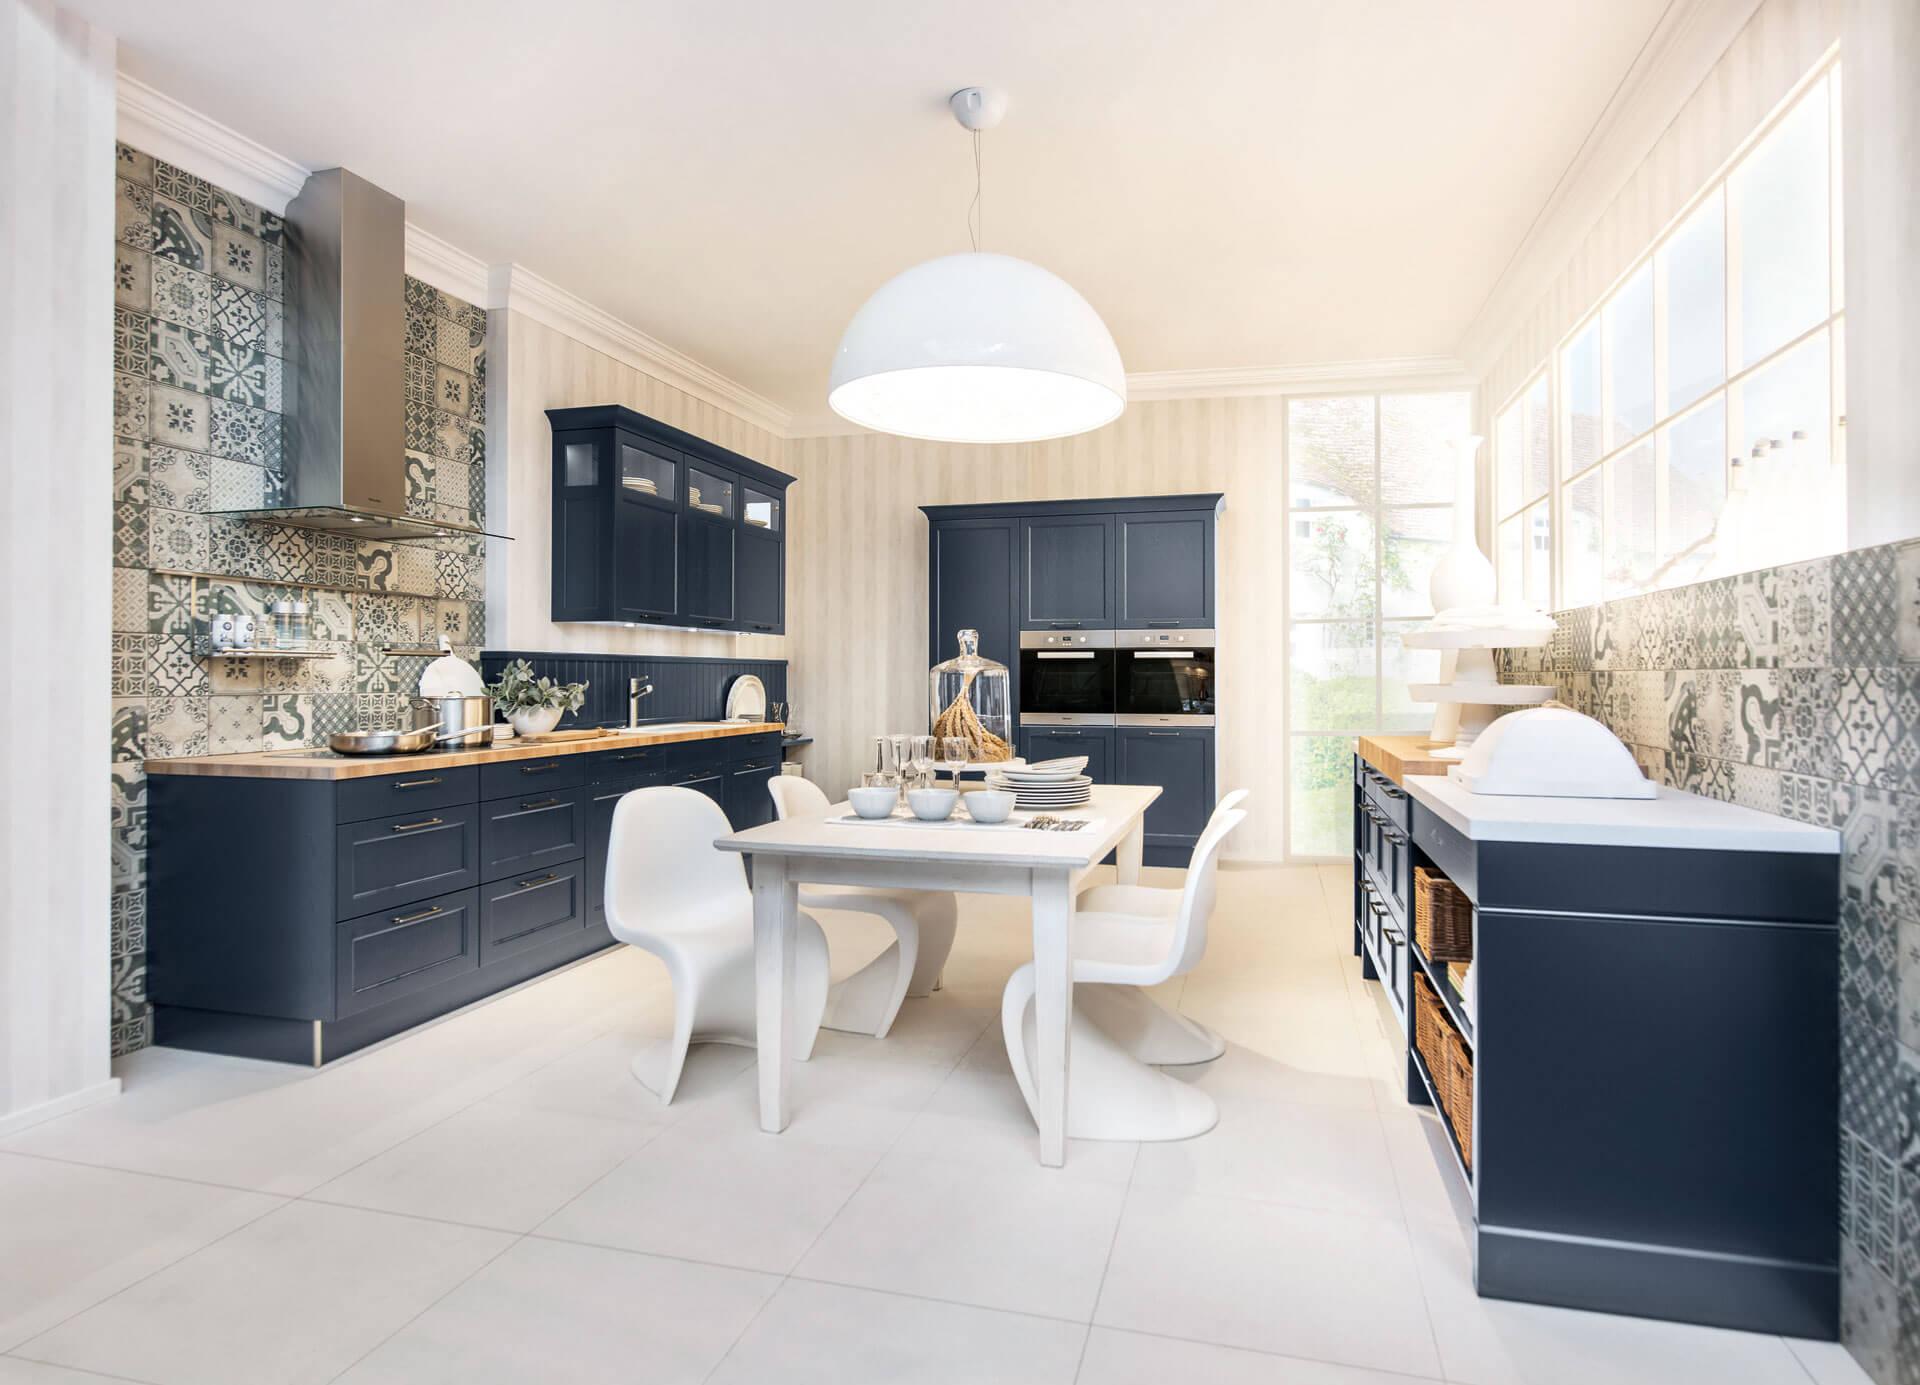 trois id es originales pour les murs de votre cuisine ai cuisines. Black Bedroom Furniture Sets. Home Design Ideas